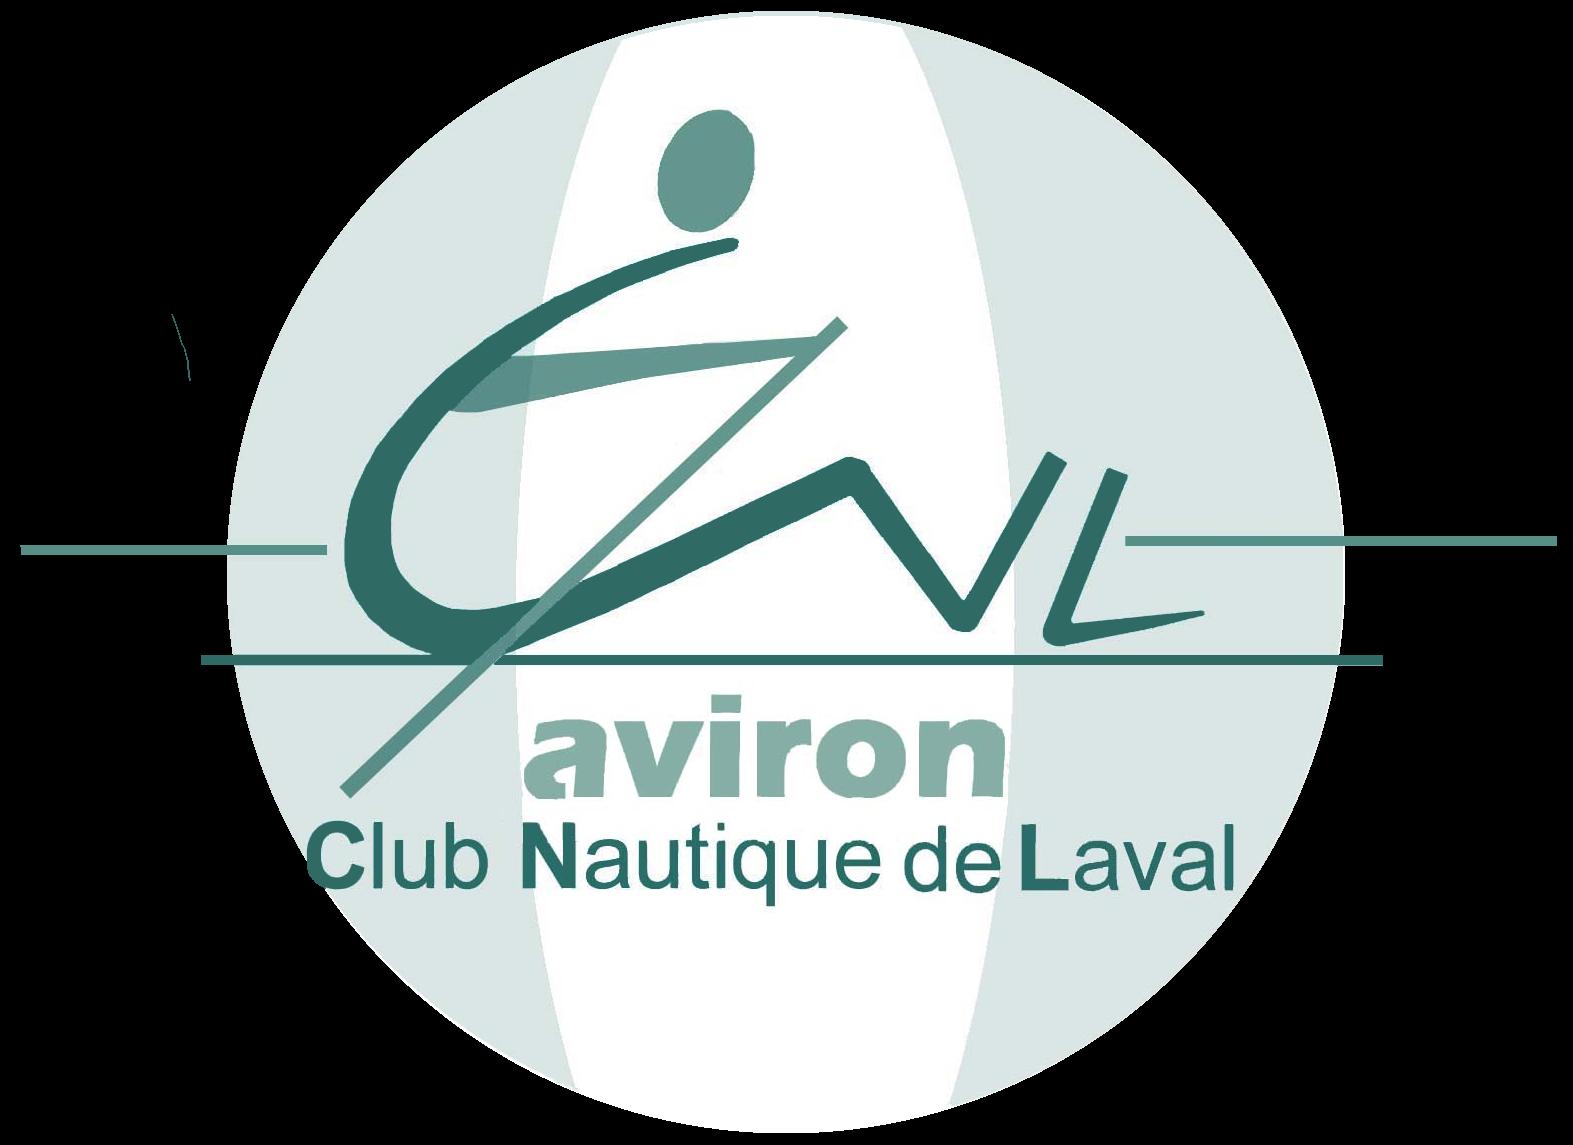 Club d'aviron de Laval